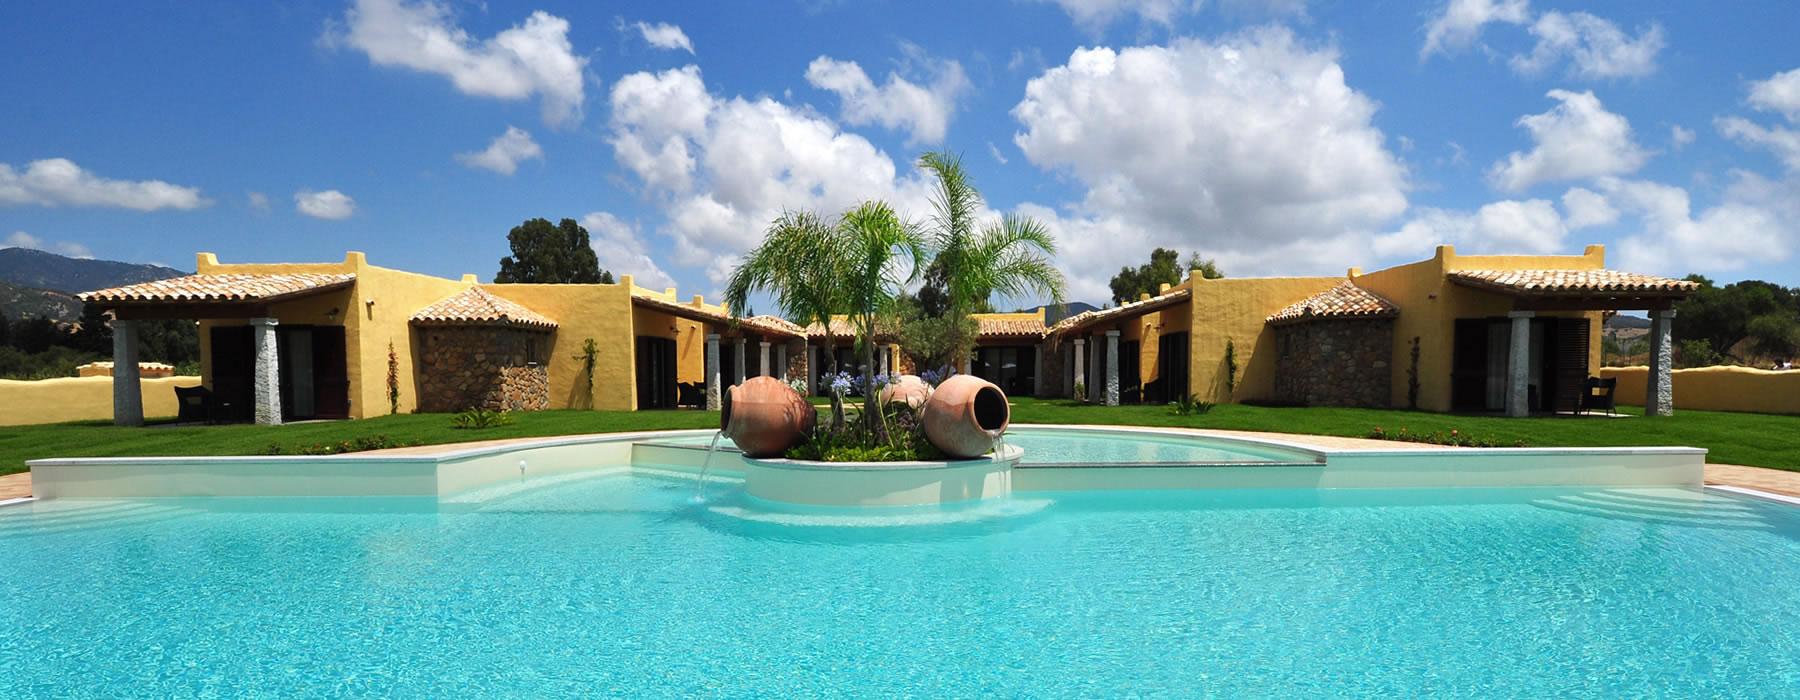 Home page villasimius hotel le anfore alberghi e hotels in sardegna hotel villasimius 3 stelle - Hotel con piscina cagliari ...